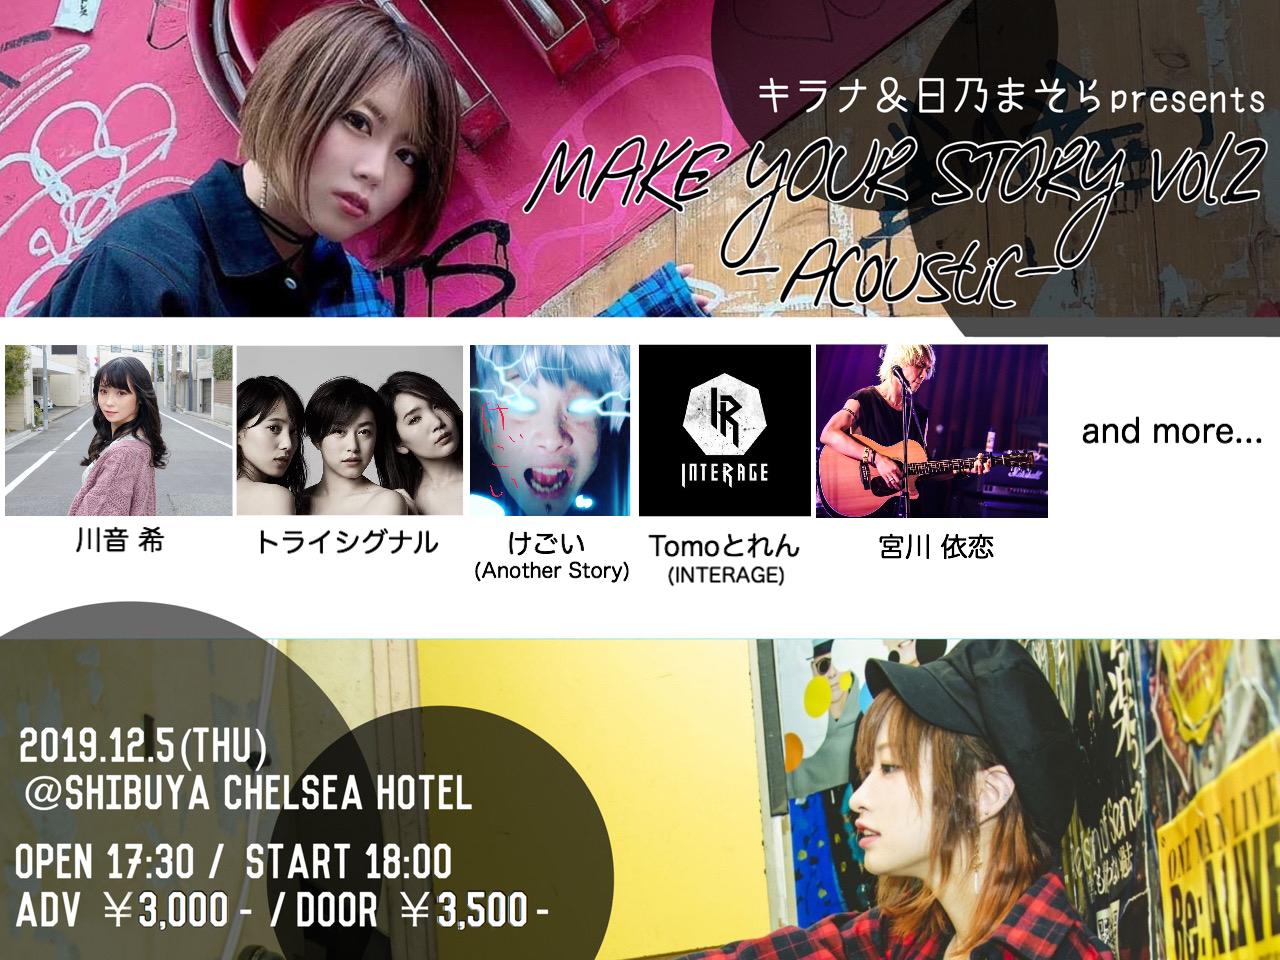 【キラナ & 日乃まそら presents MAKE YOUR STORY AcousticVol.2】